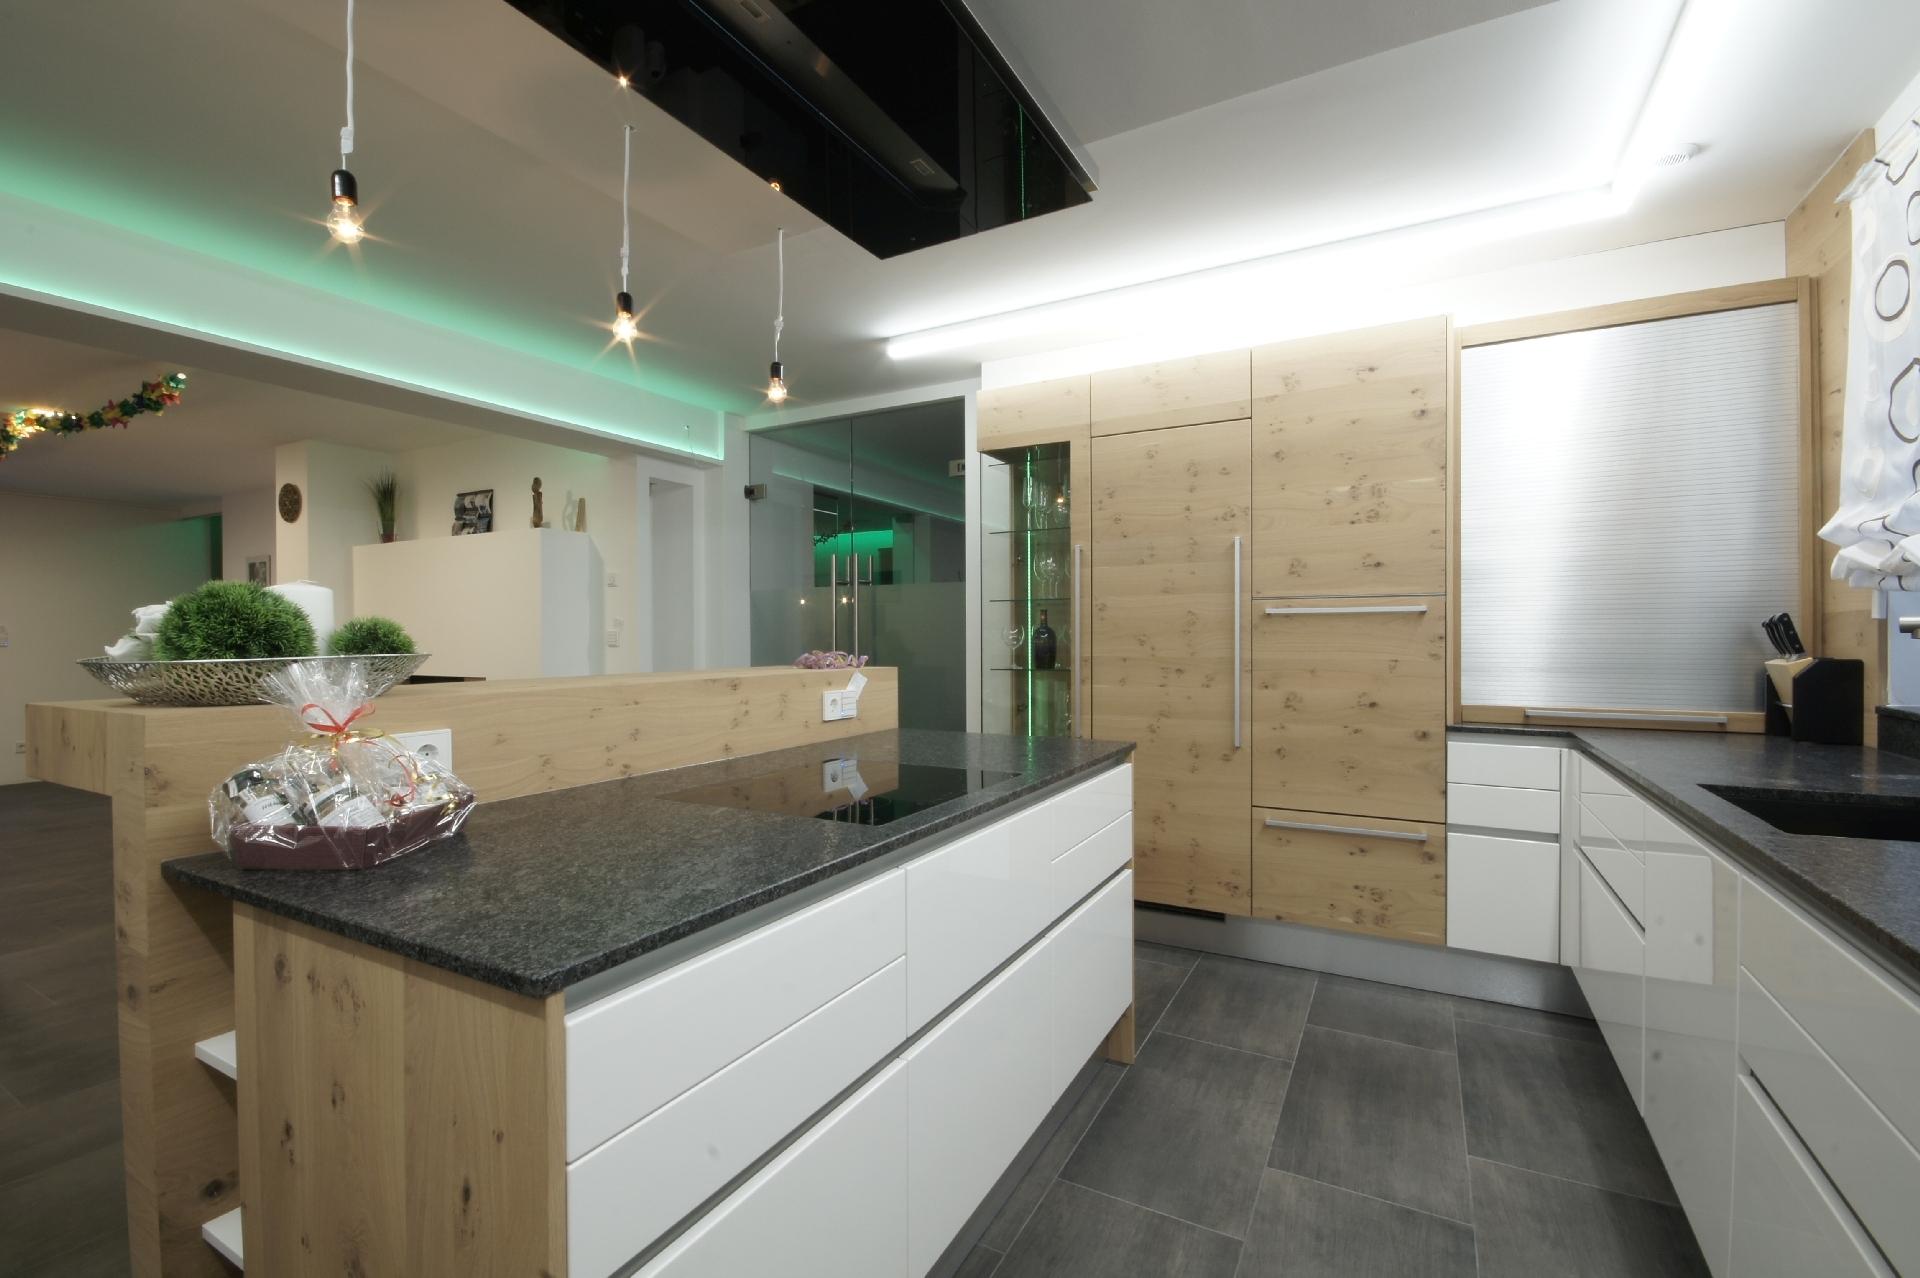 Groß Kücheninsel Und Frühstücksbar Bilder - Ideen Für Die Küche ...